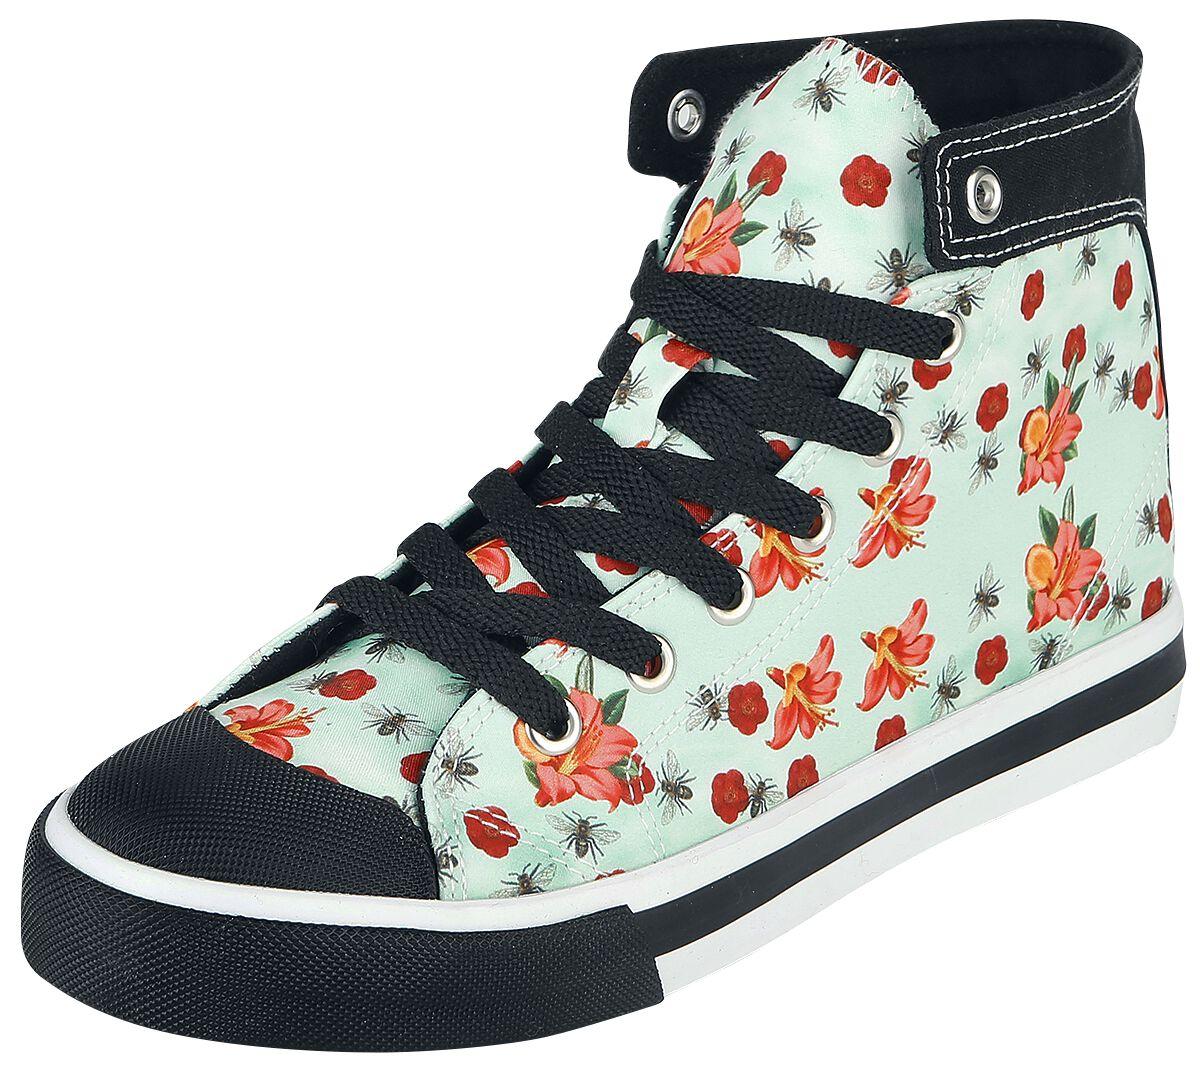 Sneakers für Frauen - Pussy Deluxe Flowers and Bees Sneaker Sneaker hellblau  - Onlineshop EMP